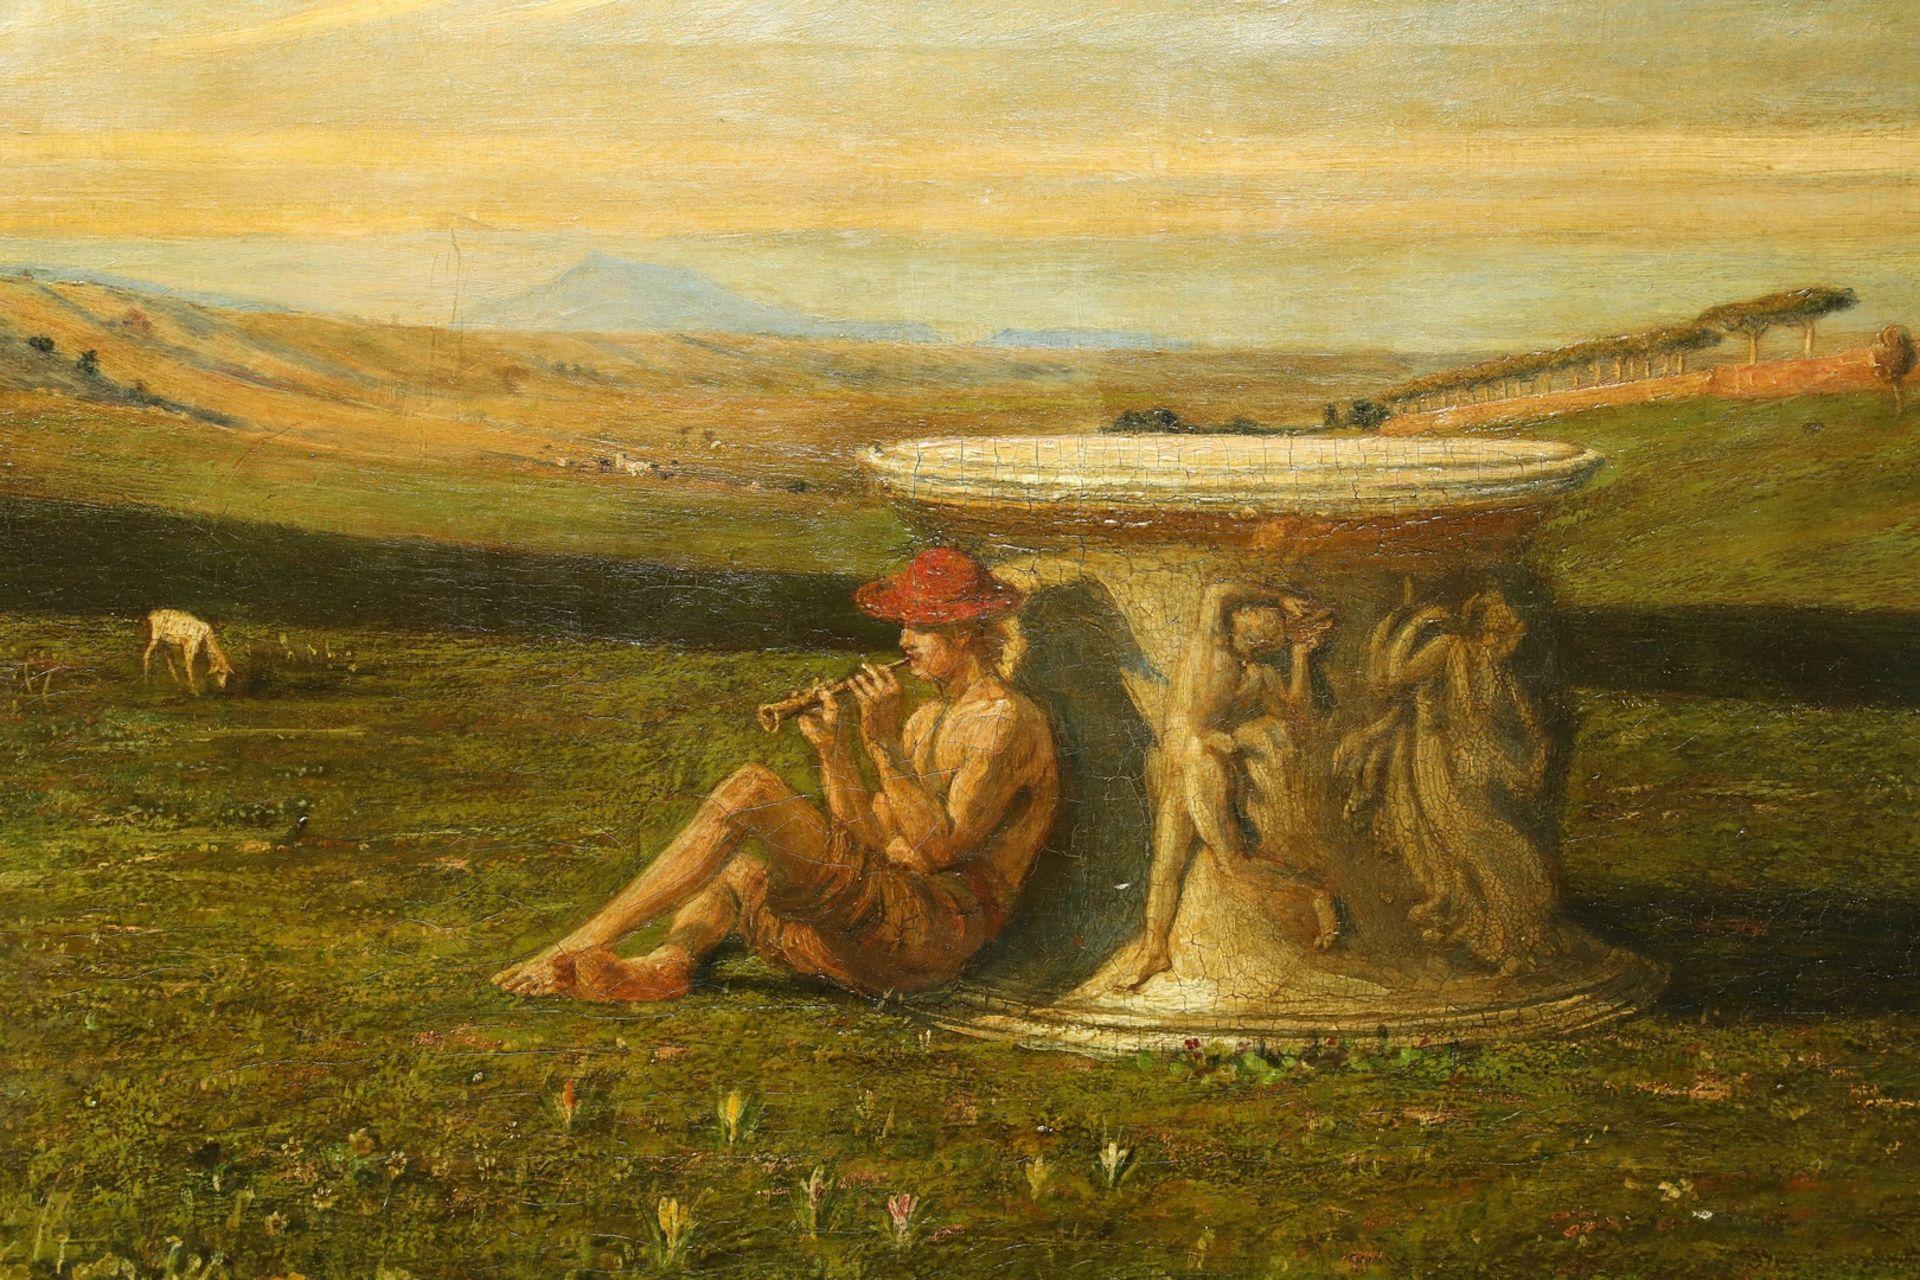 Englischer Monogrammist, Flöte spielender Hirte in arkadischer Landschaft - Bild 3 aus 5